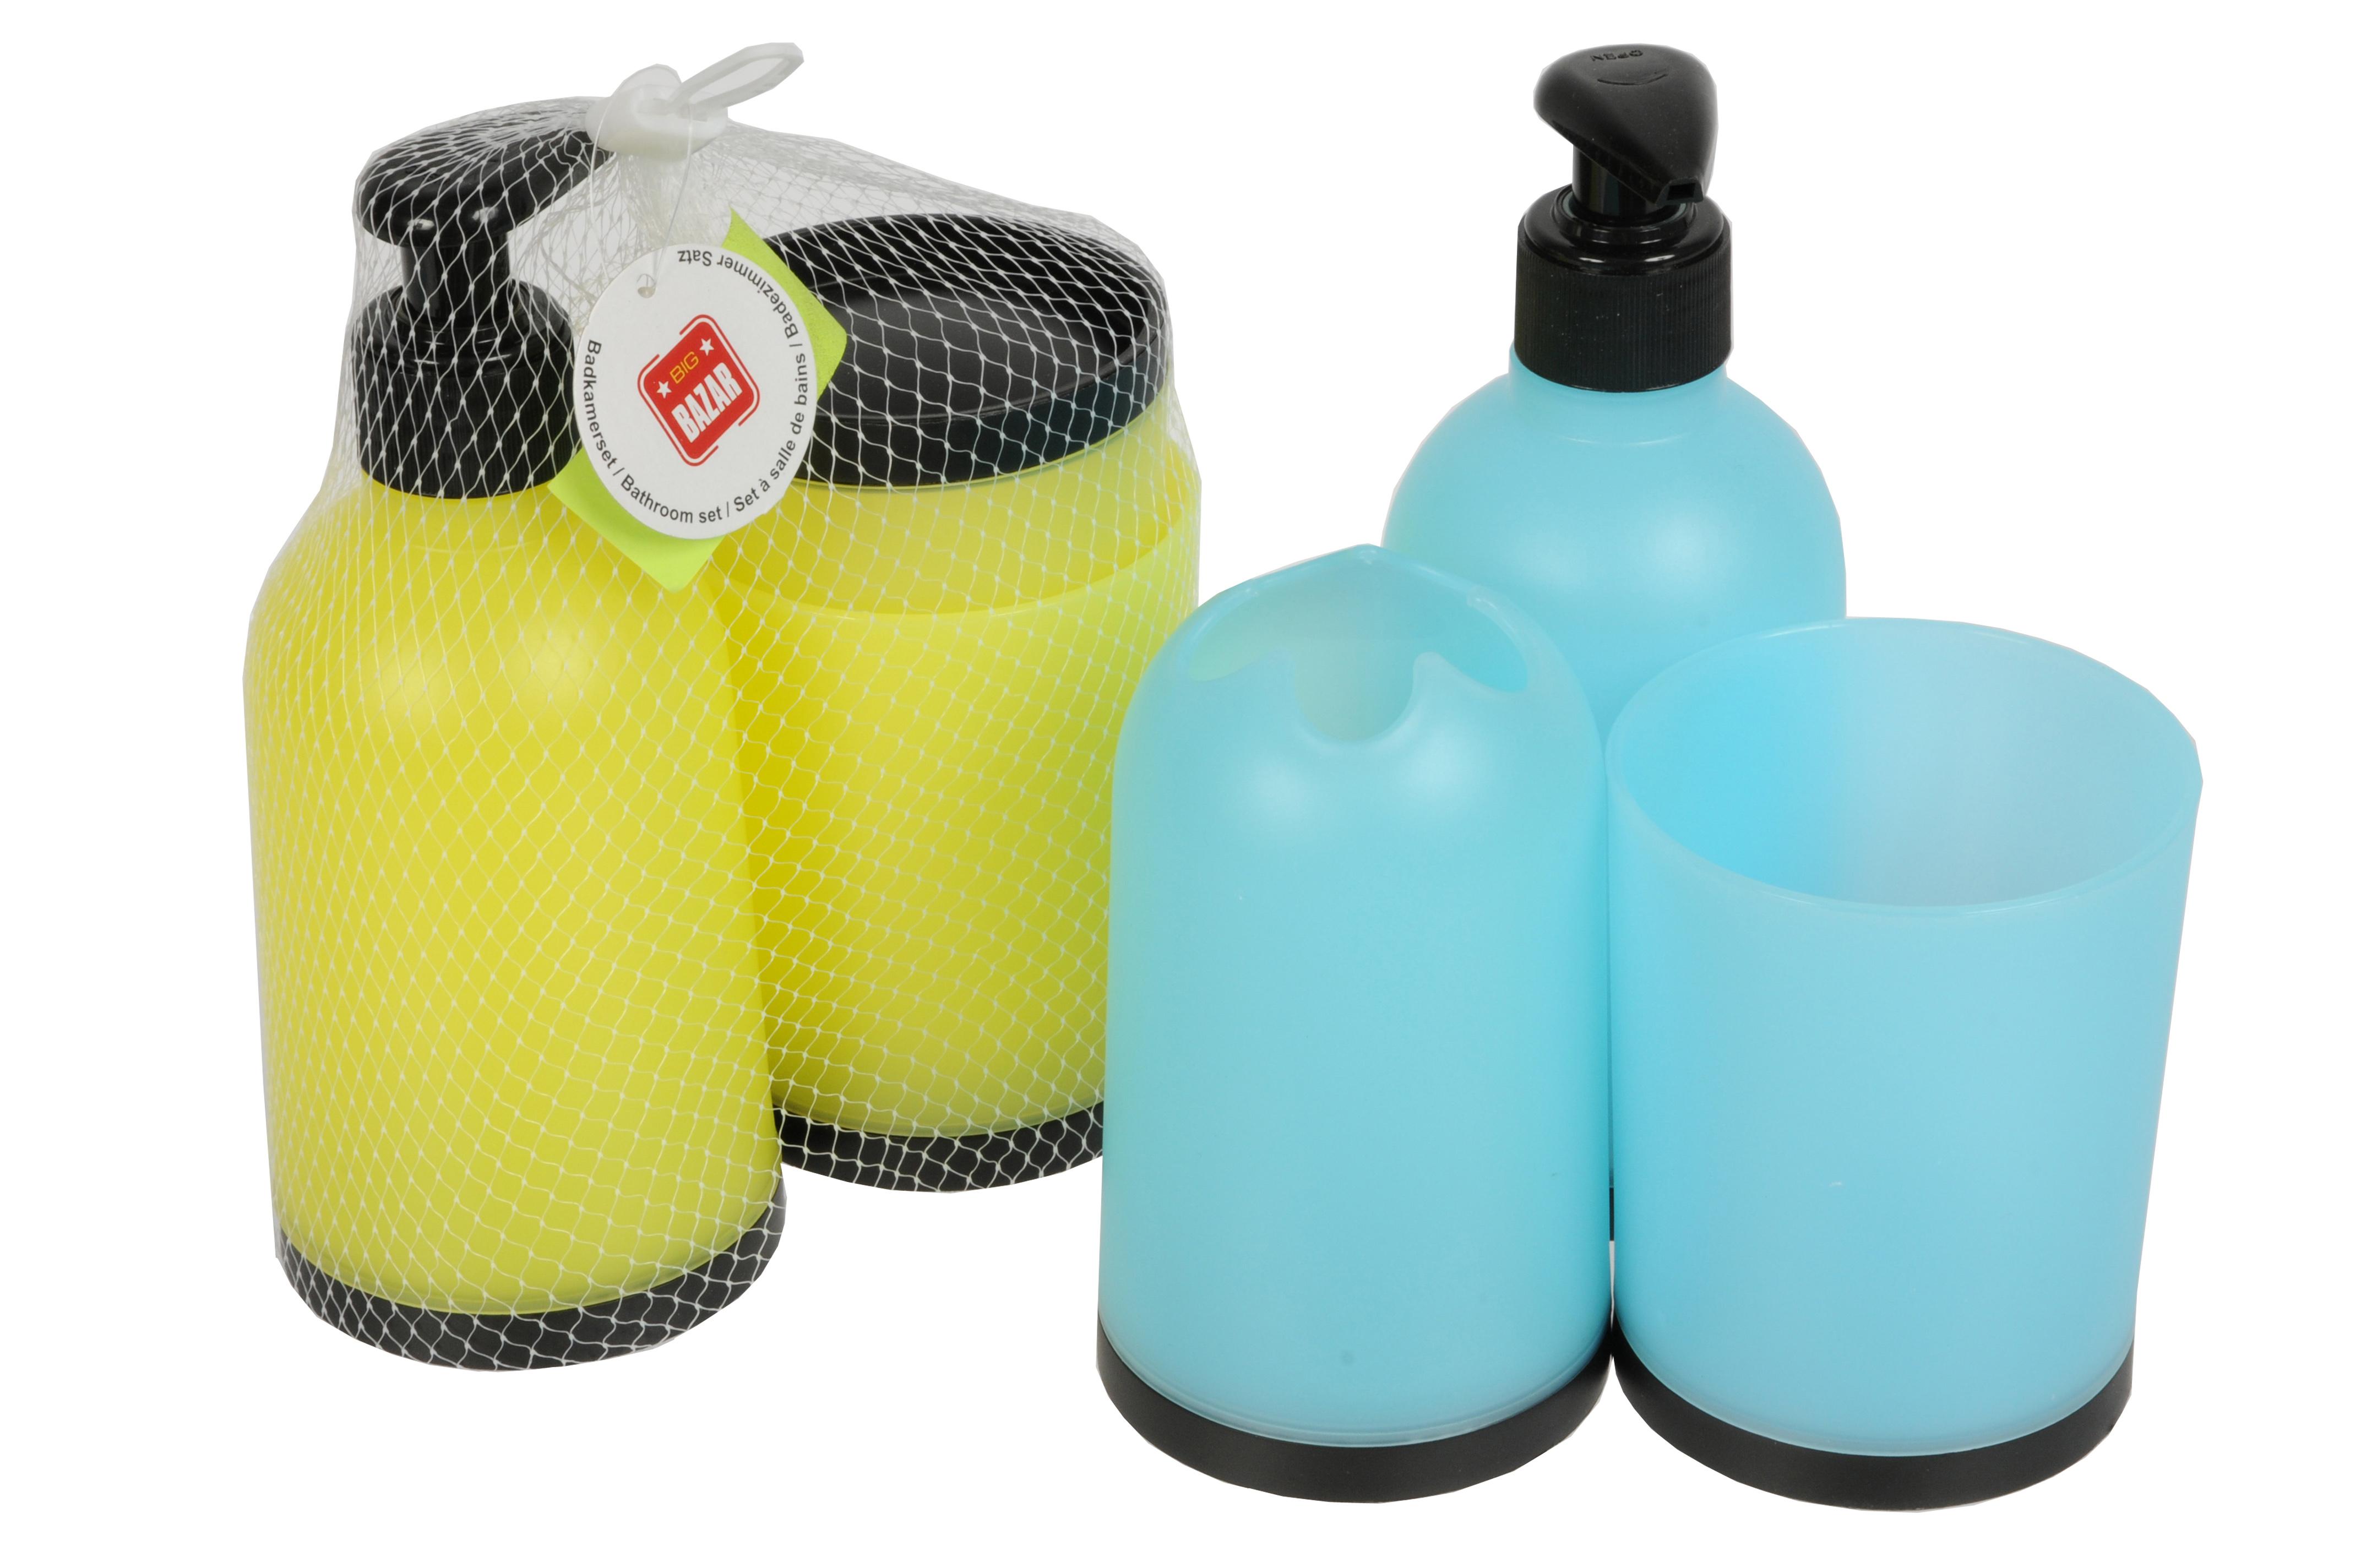 Koupelnový set 3 kusy (dávkovač mýdla, kelímek na kartáčky, kelímek)